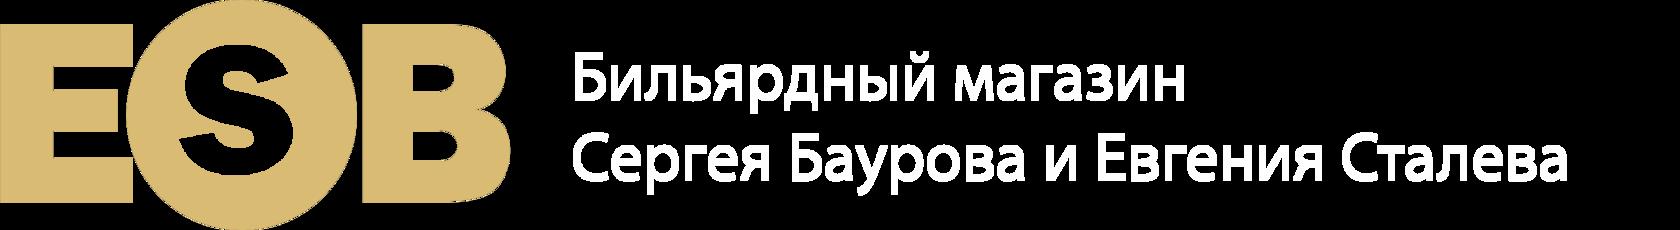 ESBSHOP